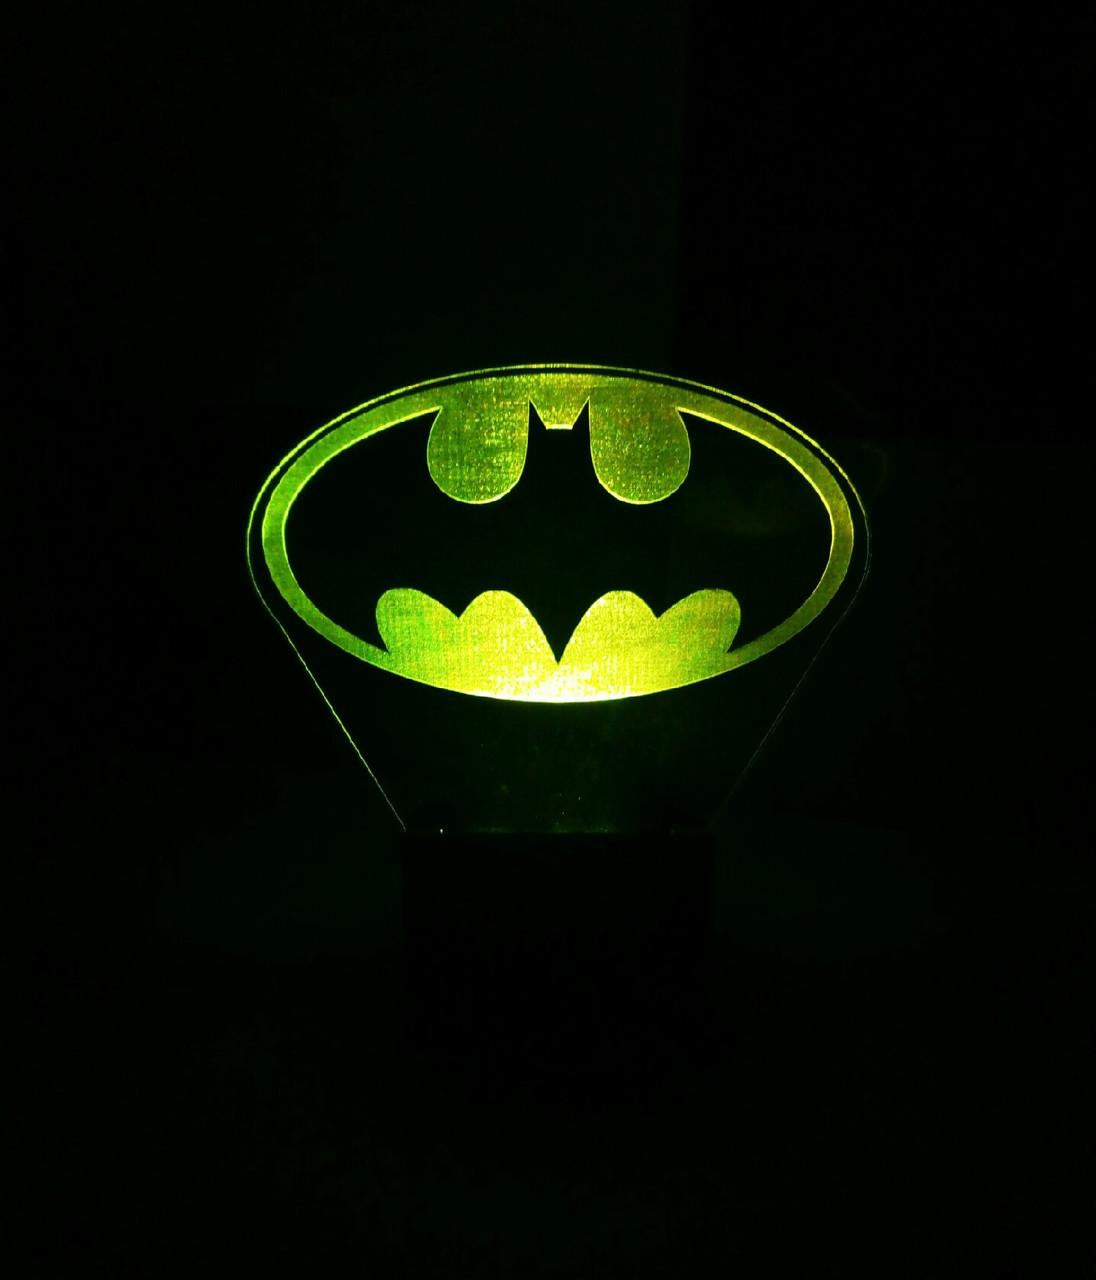 3d-світильник Бетмен лого, 3д-нічник, кілька підсвічувань (на пульті)